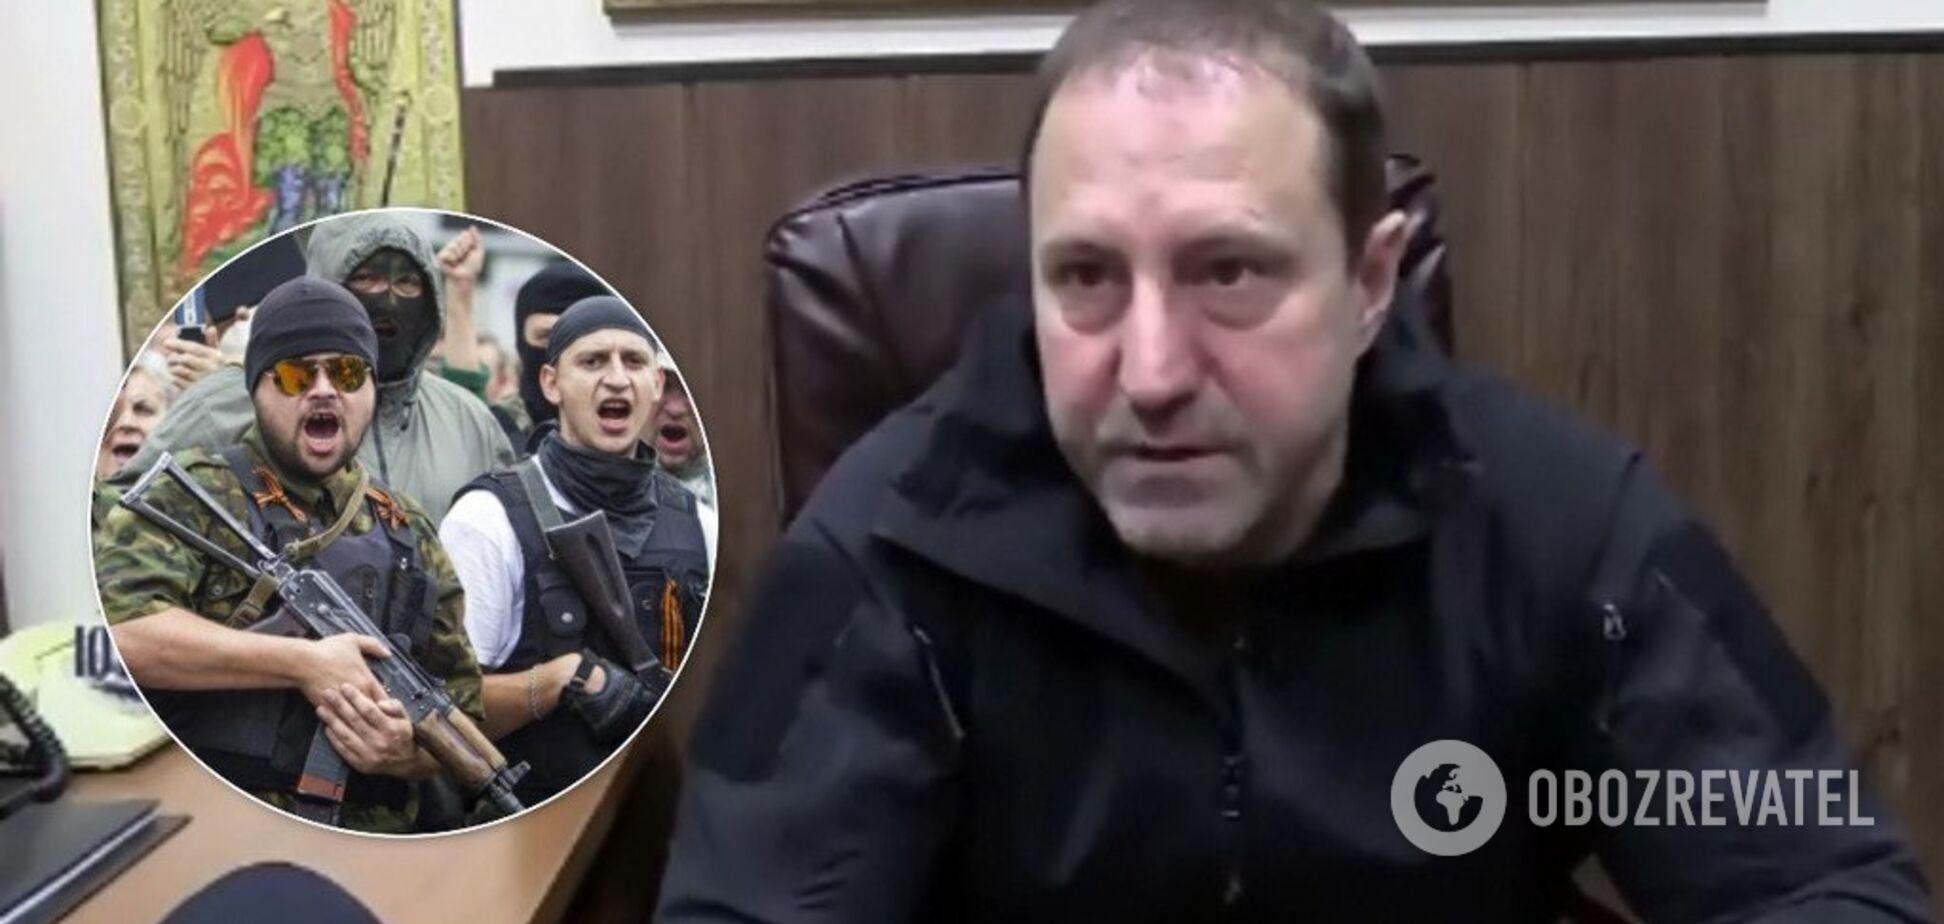 'Кради, руйнуй на зло х*нті!' Ватажок 'ДНР' зізнався, що терористи розграбували готель у Донецьку